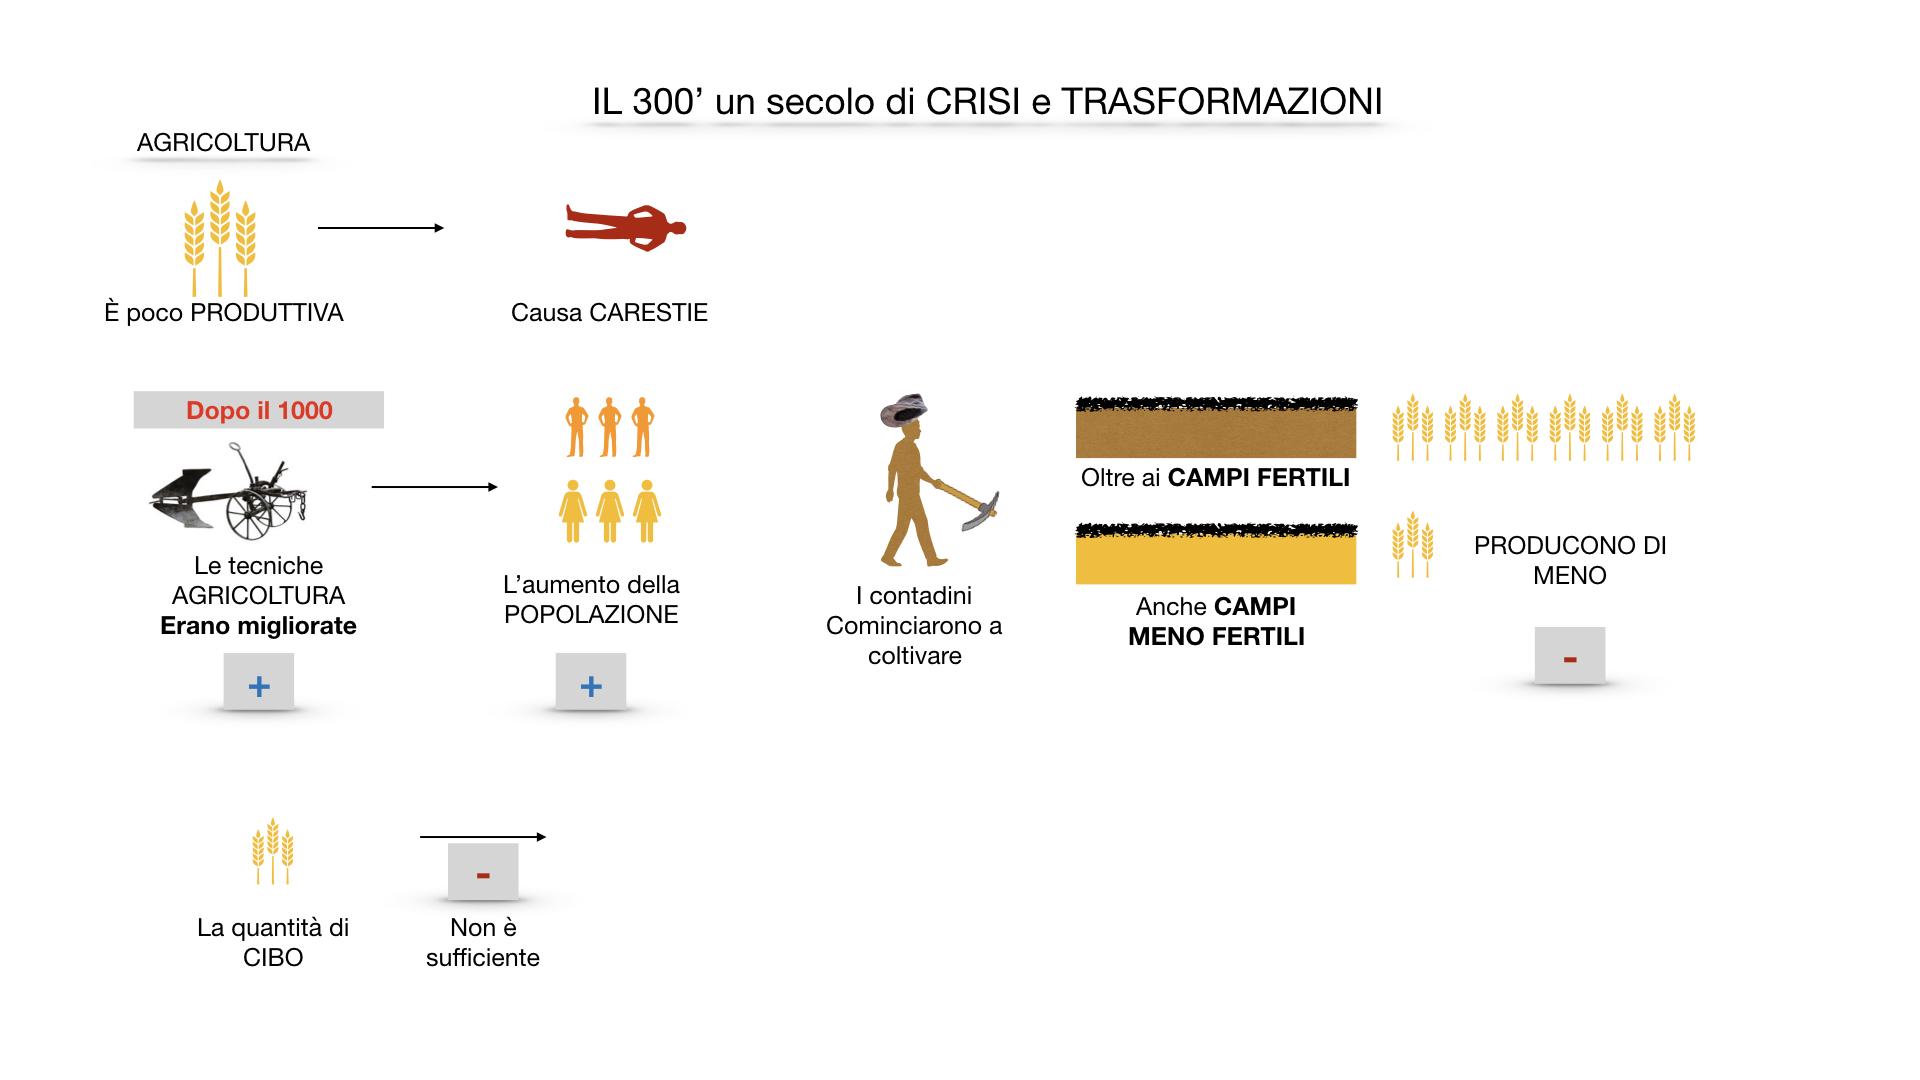 il 300 crisi e trasformazioni_ SIMULAZIONE.013